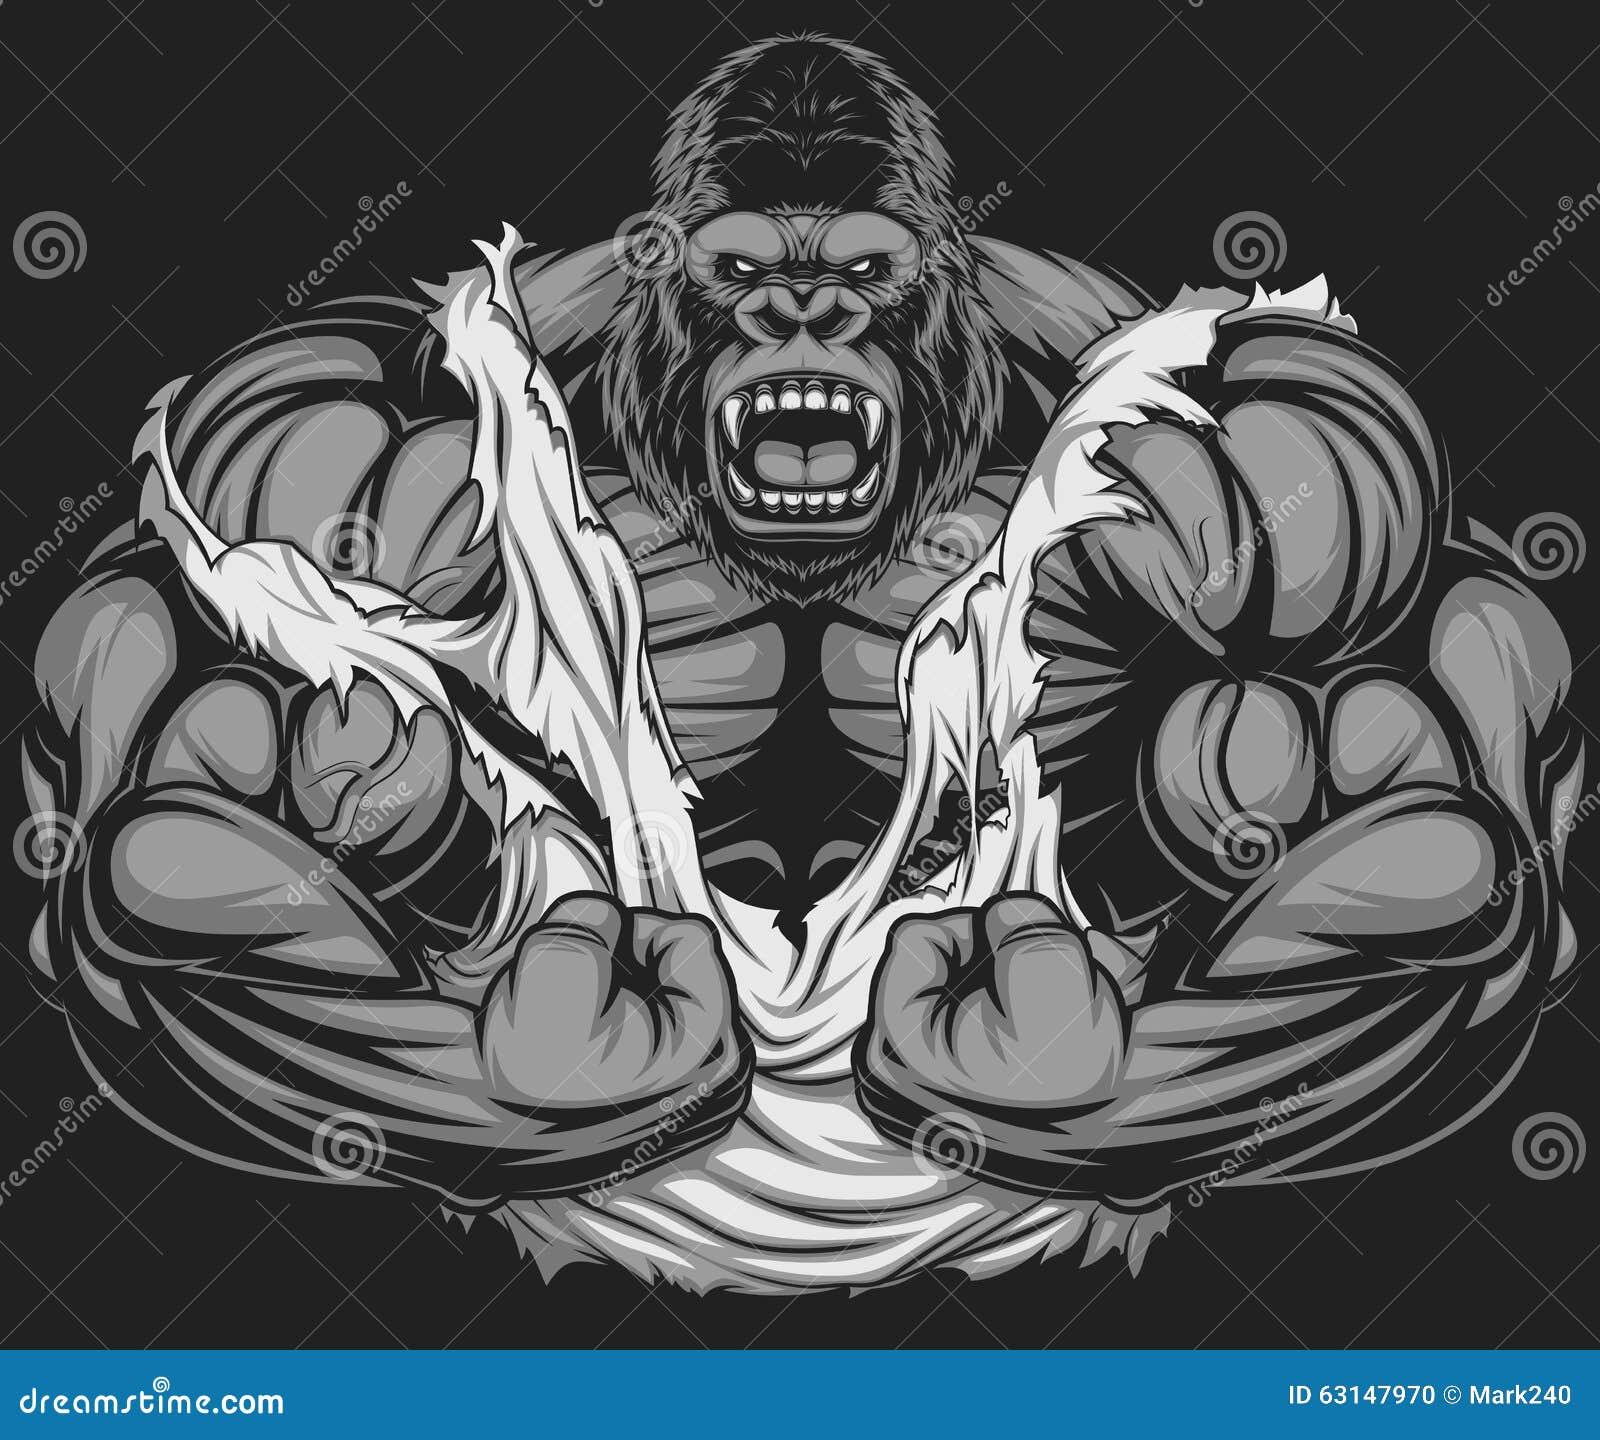 less dangerous steroids